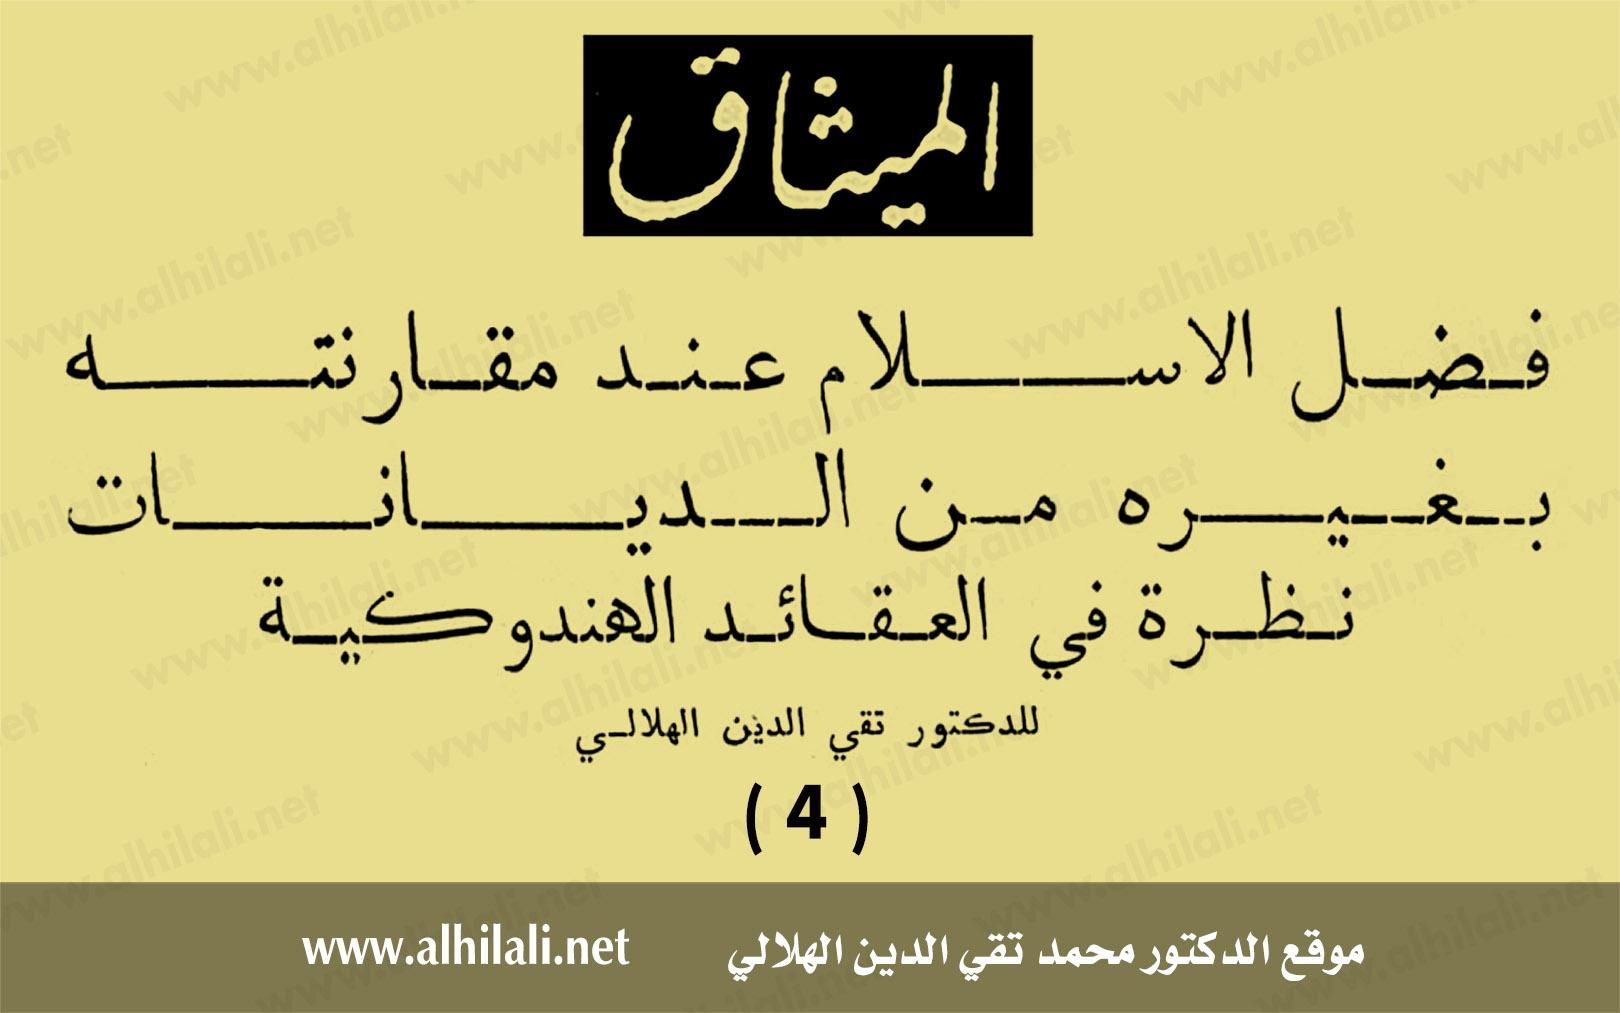 فضل الإسلام عند مقارنته بغيره من الديانات: نظرة في العقائد الهندوكية 4